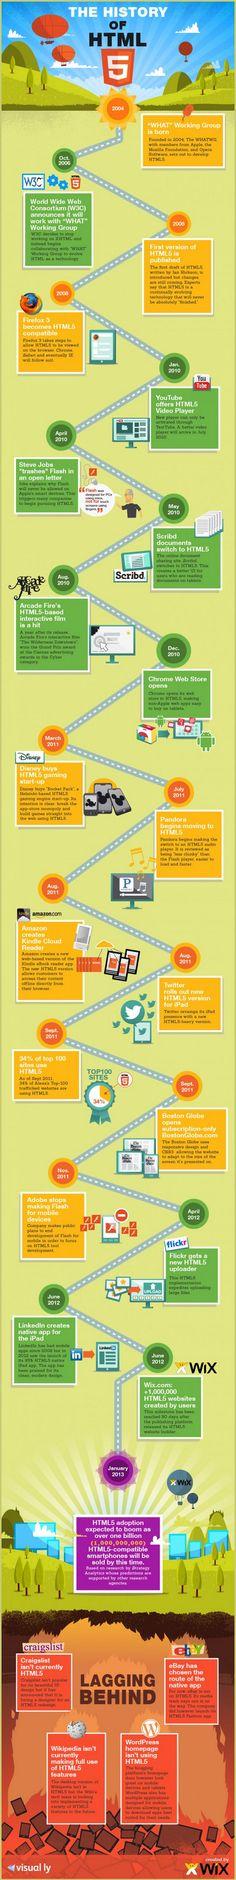 la storia dell'HTML 5 in un'infografica.